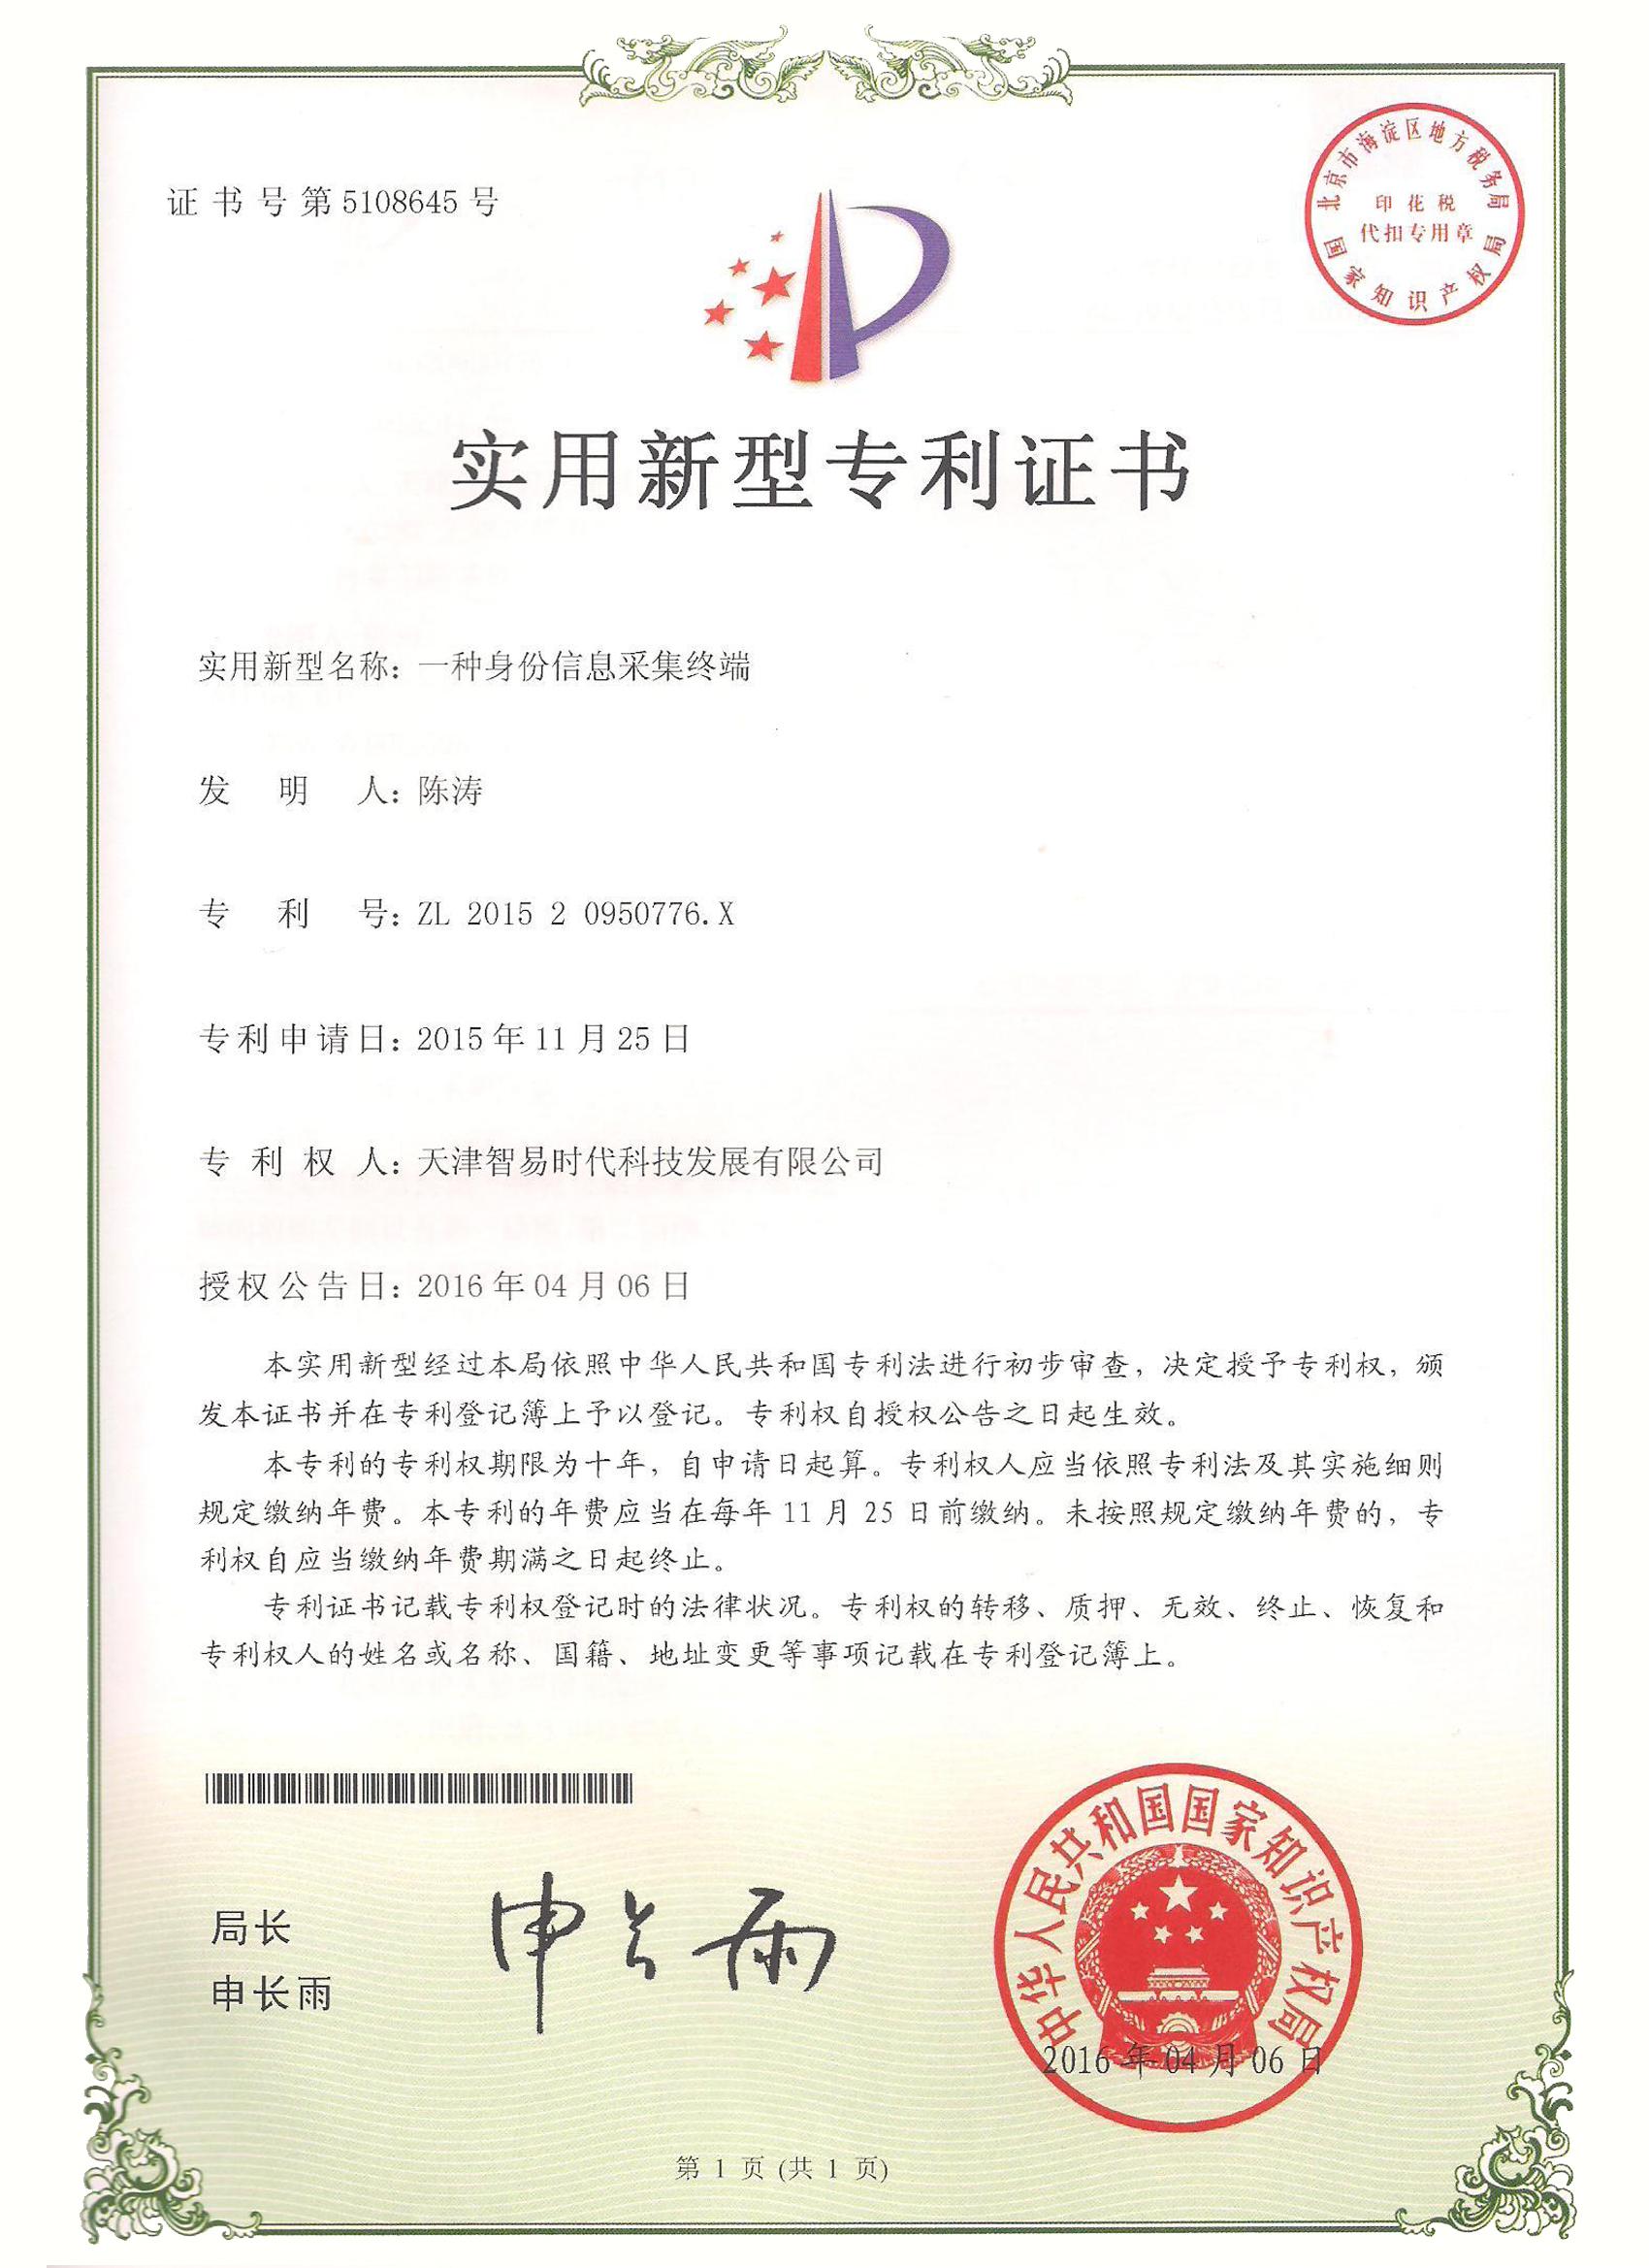 身份信息采集系统专利